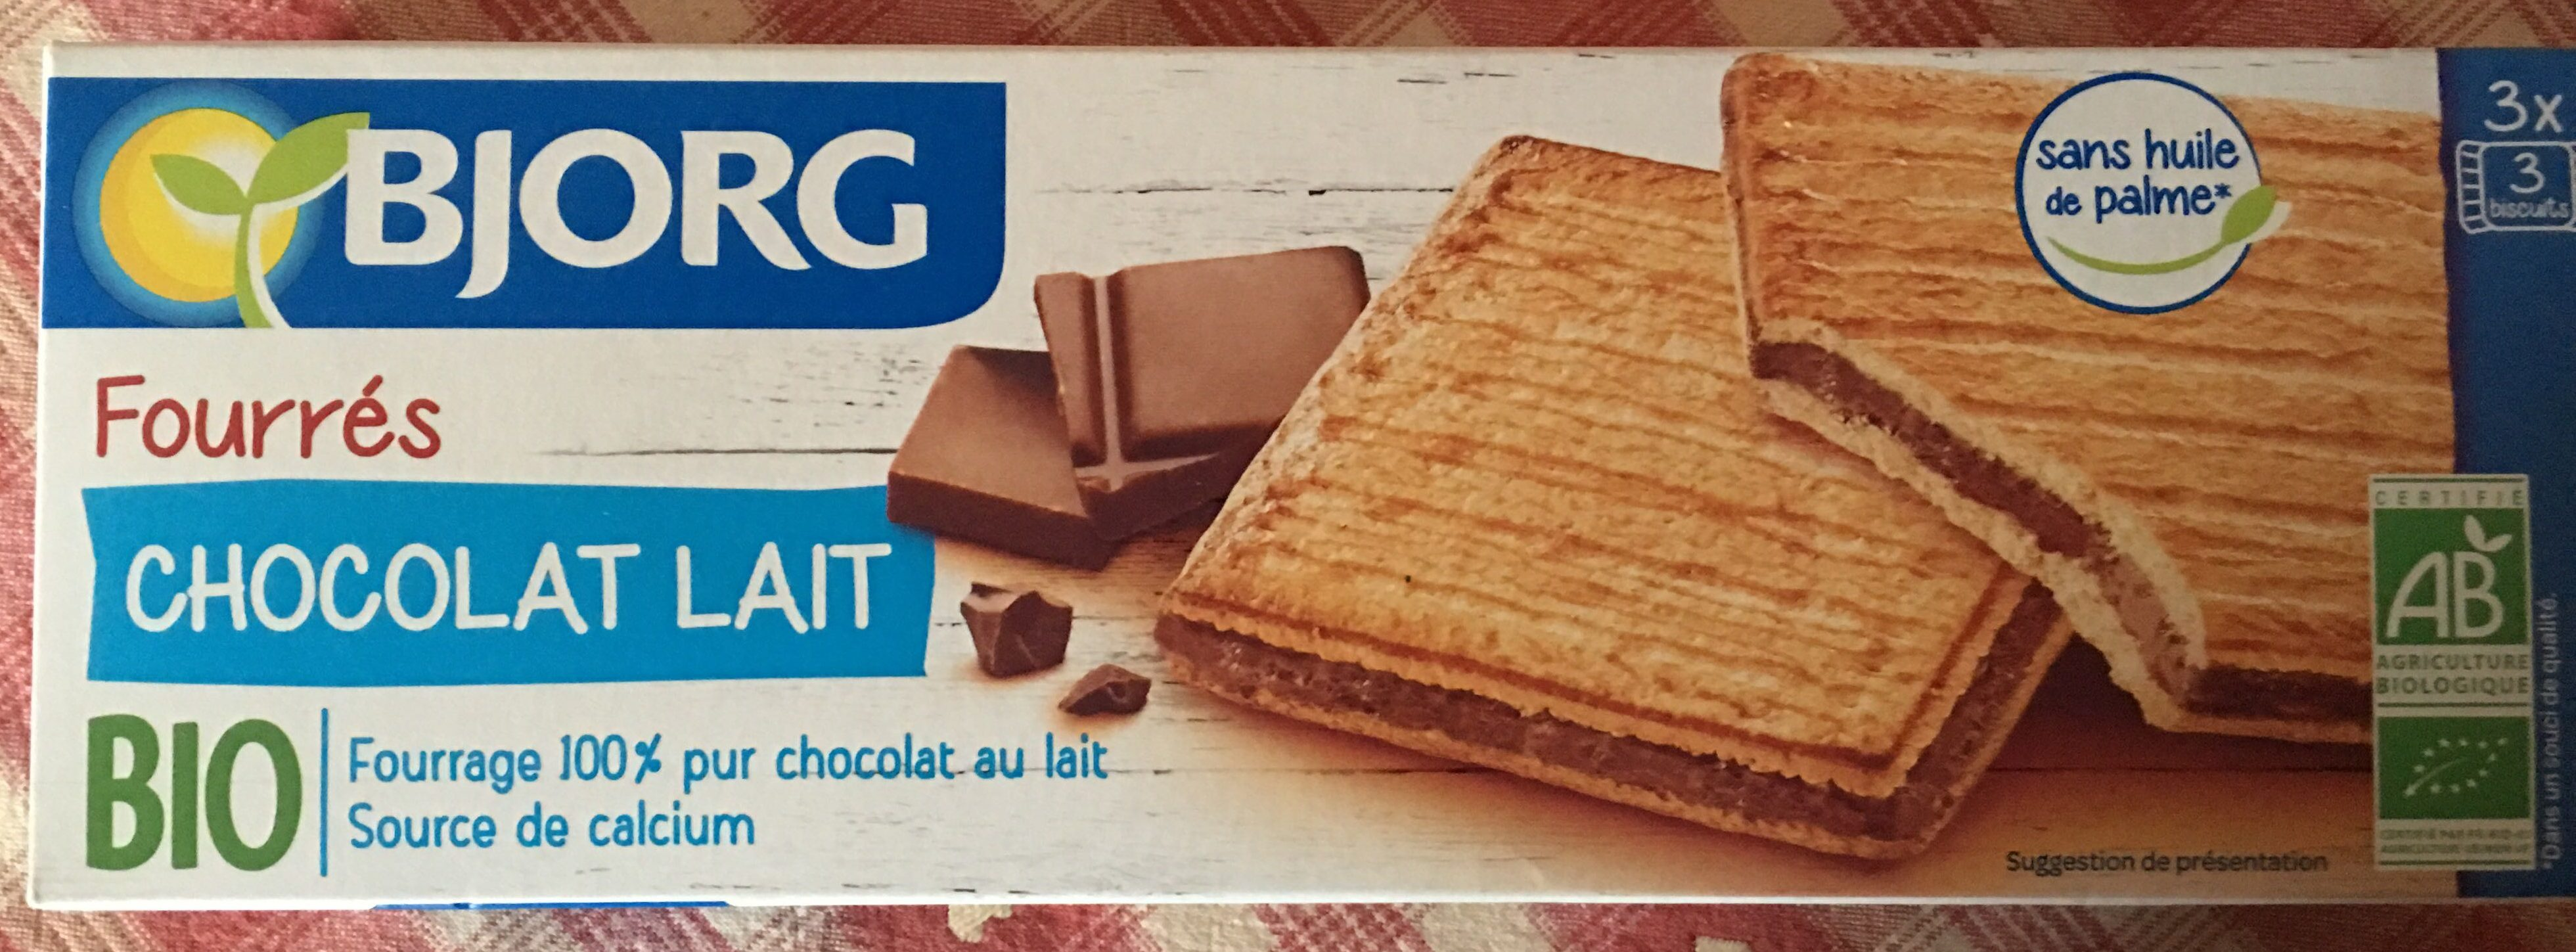 Fourrés Chocolat au lait BIO - Produit - fr